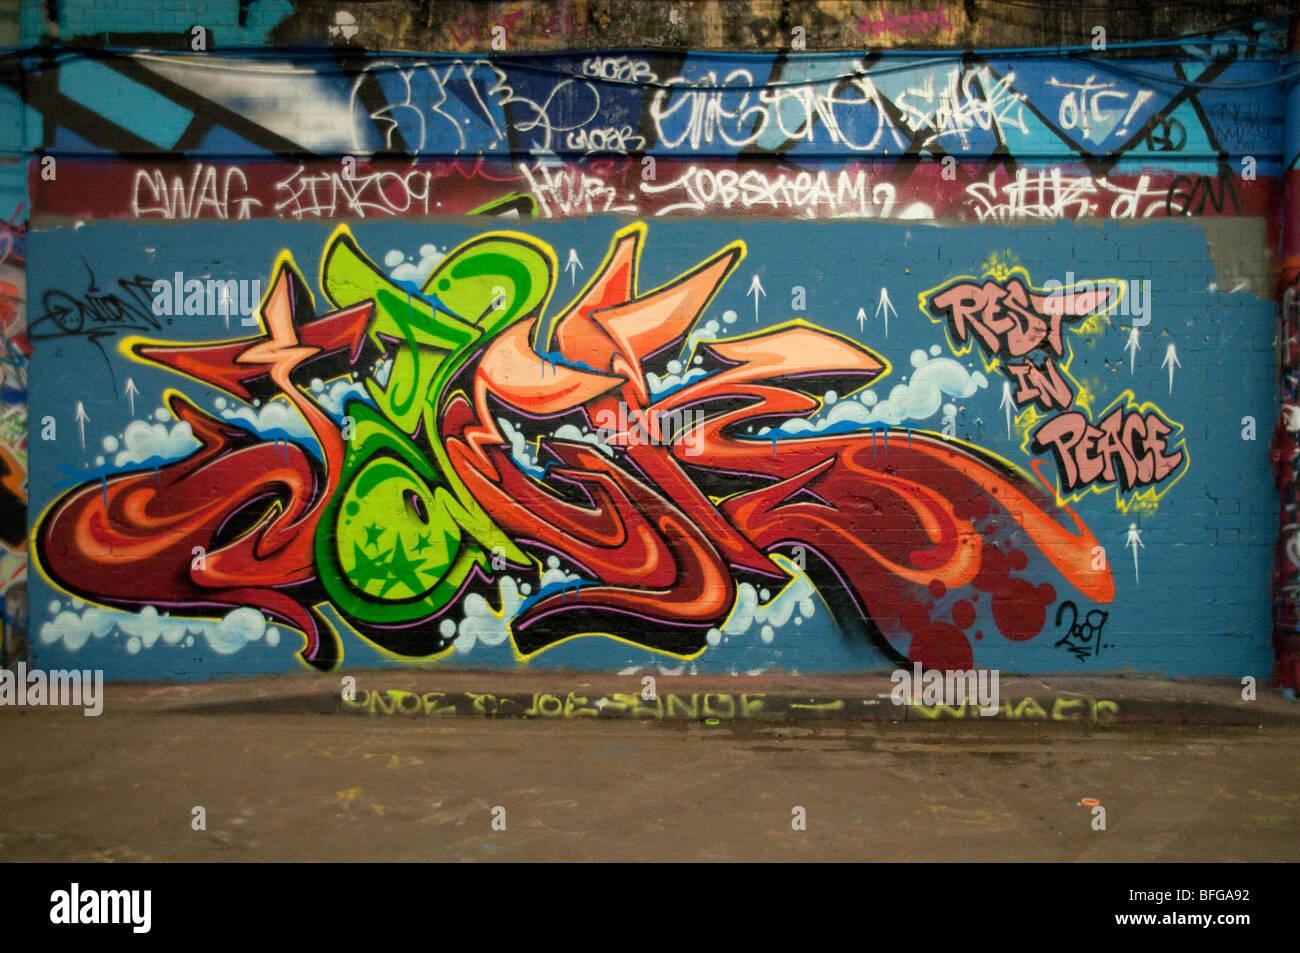 Graffiti su un muro. Londra Southbank un popolare luogo di ritrovo per il pattinaggio sul ghiaccio e graffi. Immagini Stock